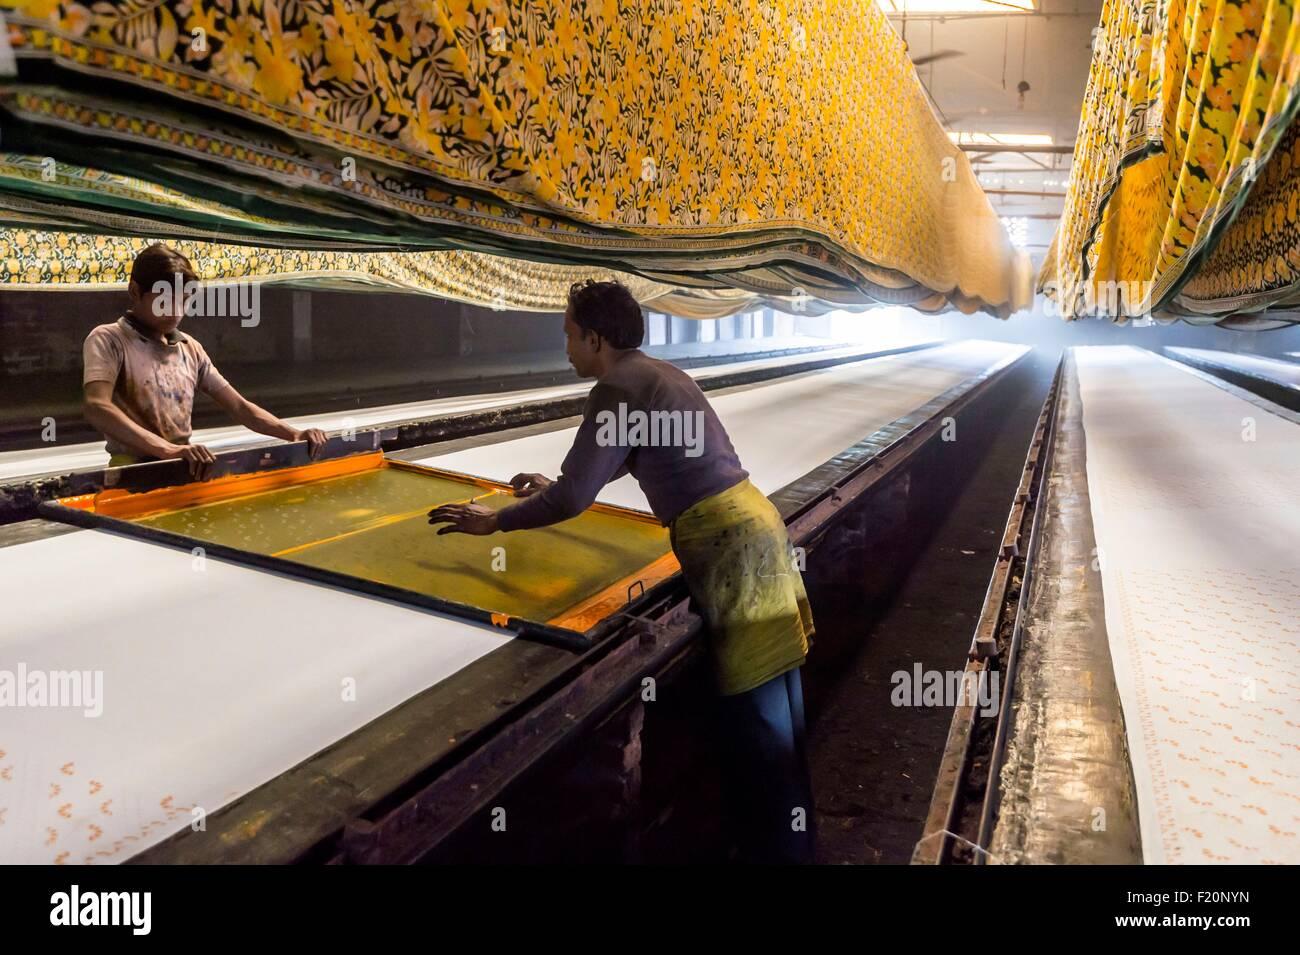 India, Rajasthan state, Sanganer, Coton printing - Stock Image